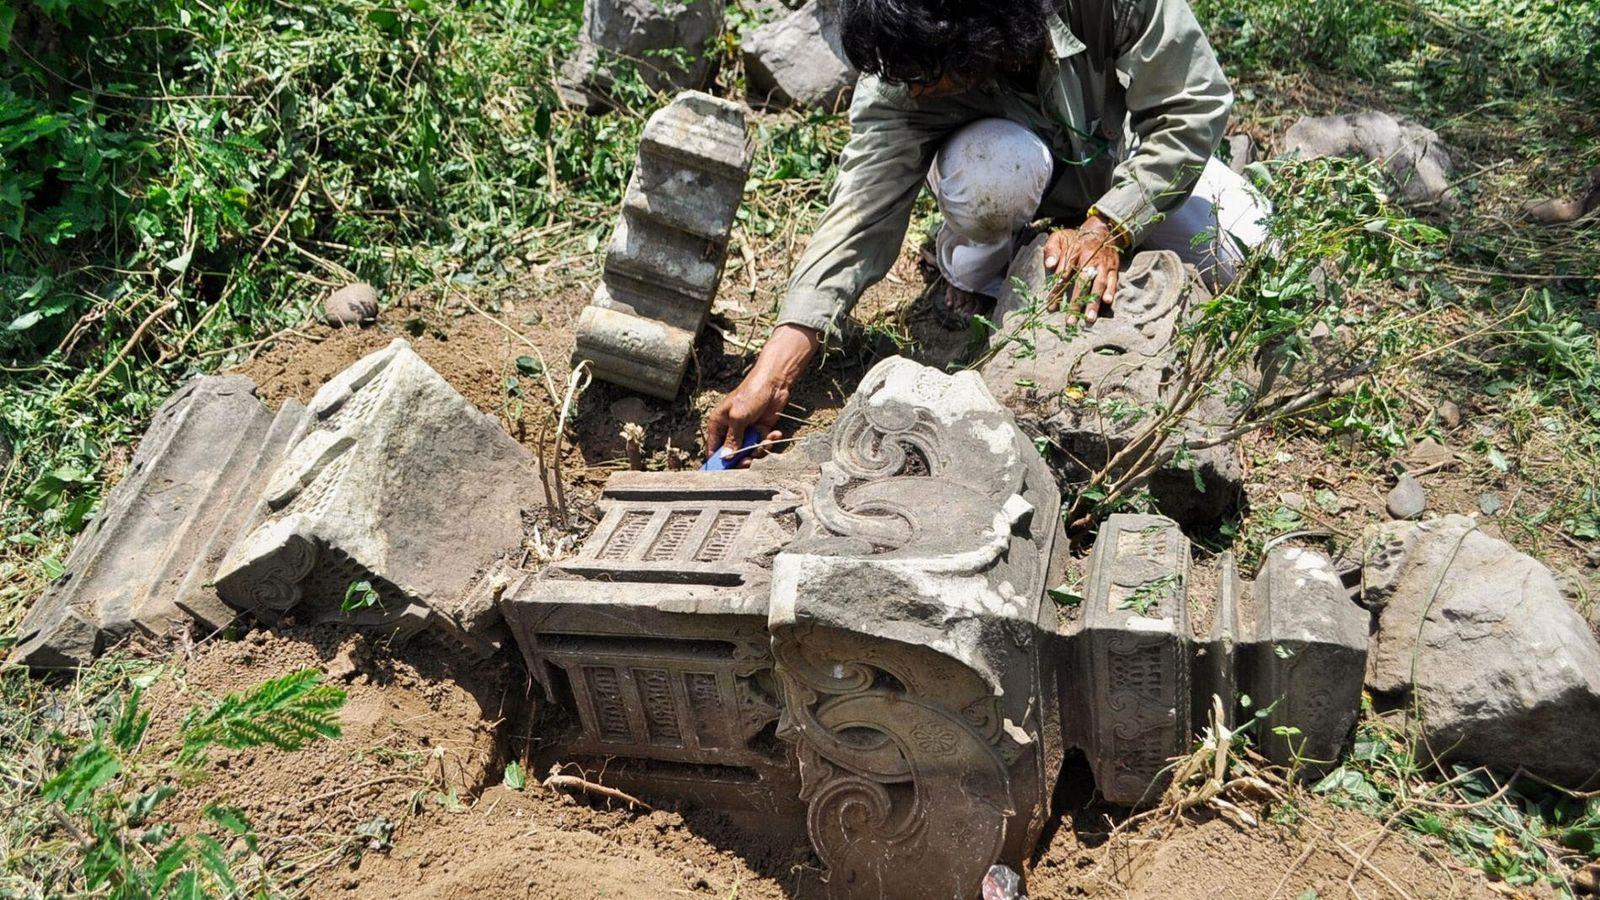 Des pierres tombales historiques mises en évidence par le tsunami survenu en 2004 dans l'océan Indien ...